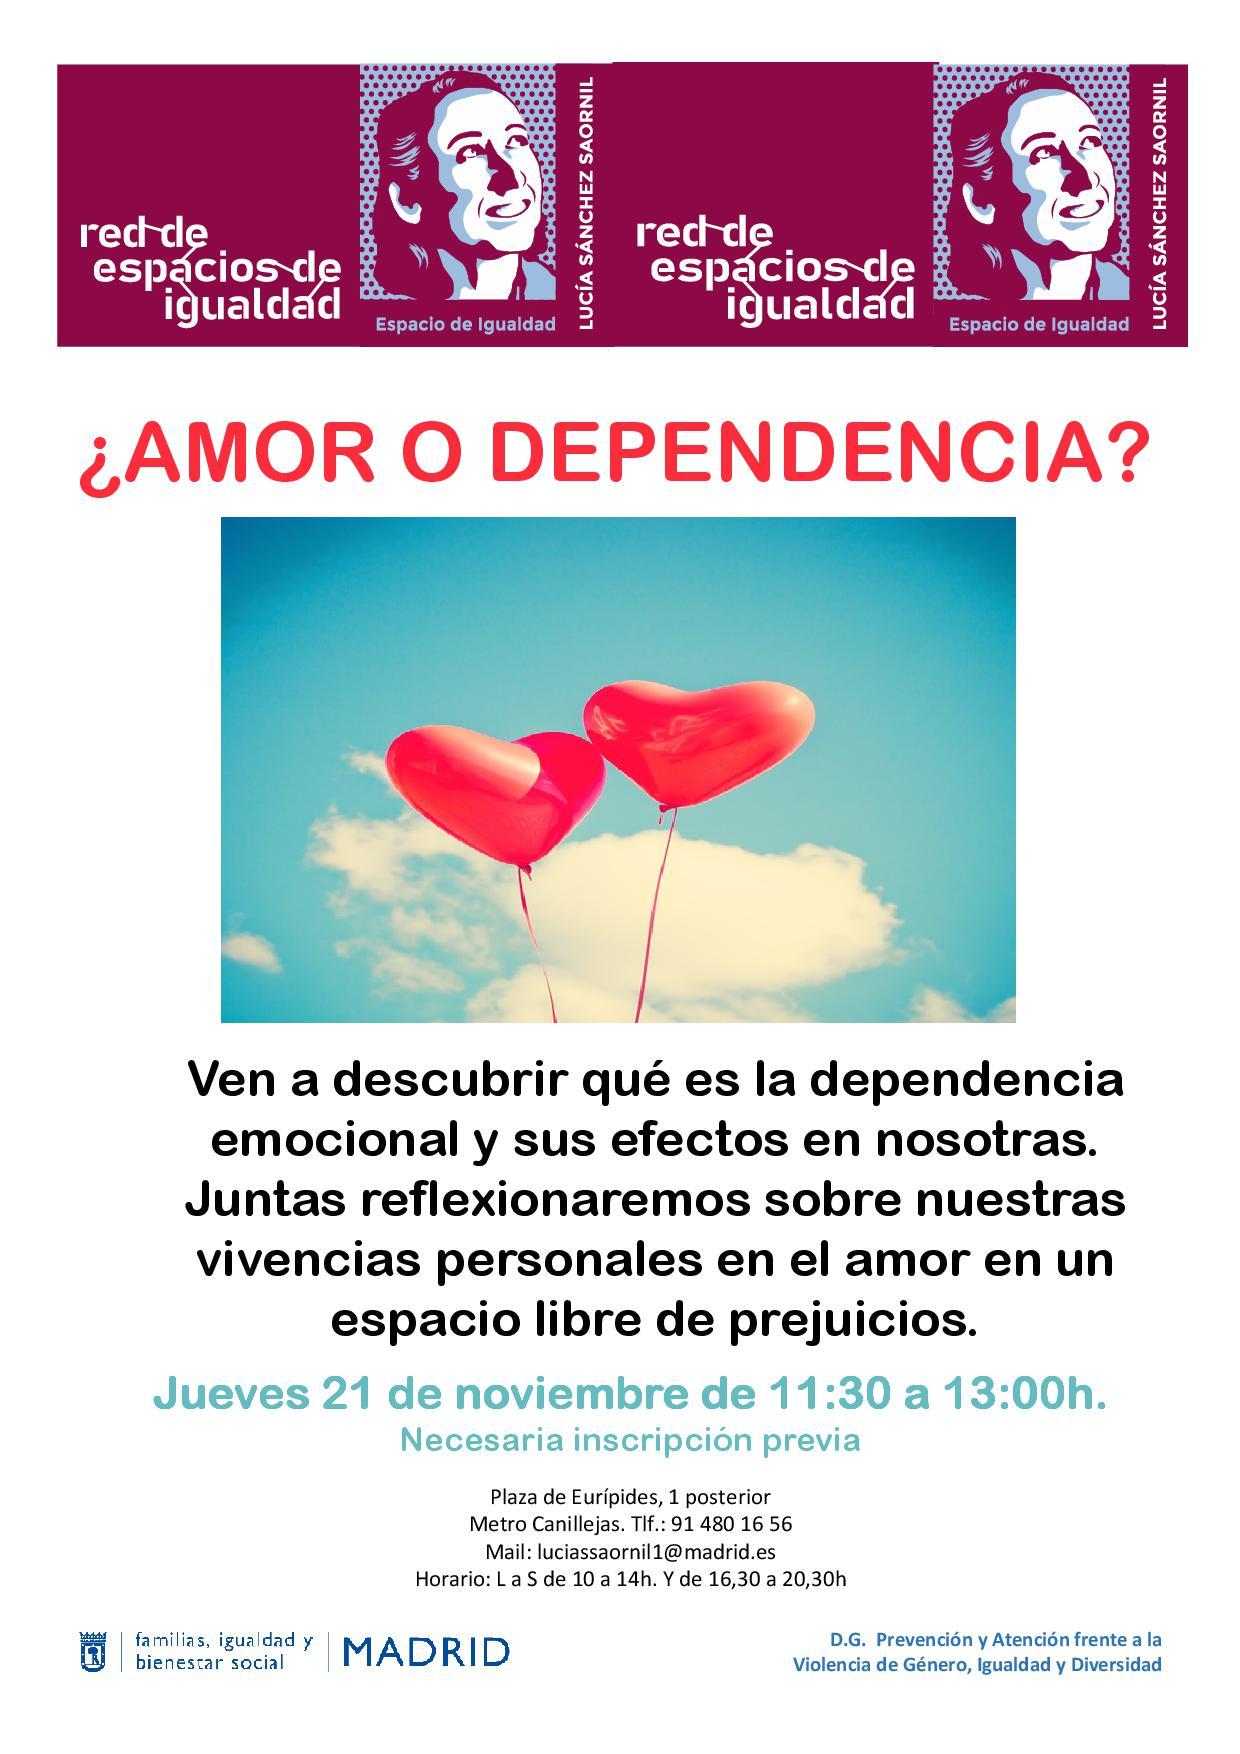 Amor o dependencia